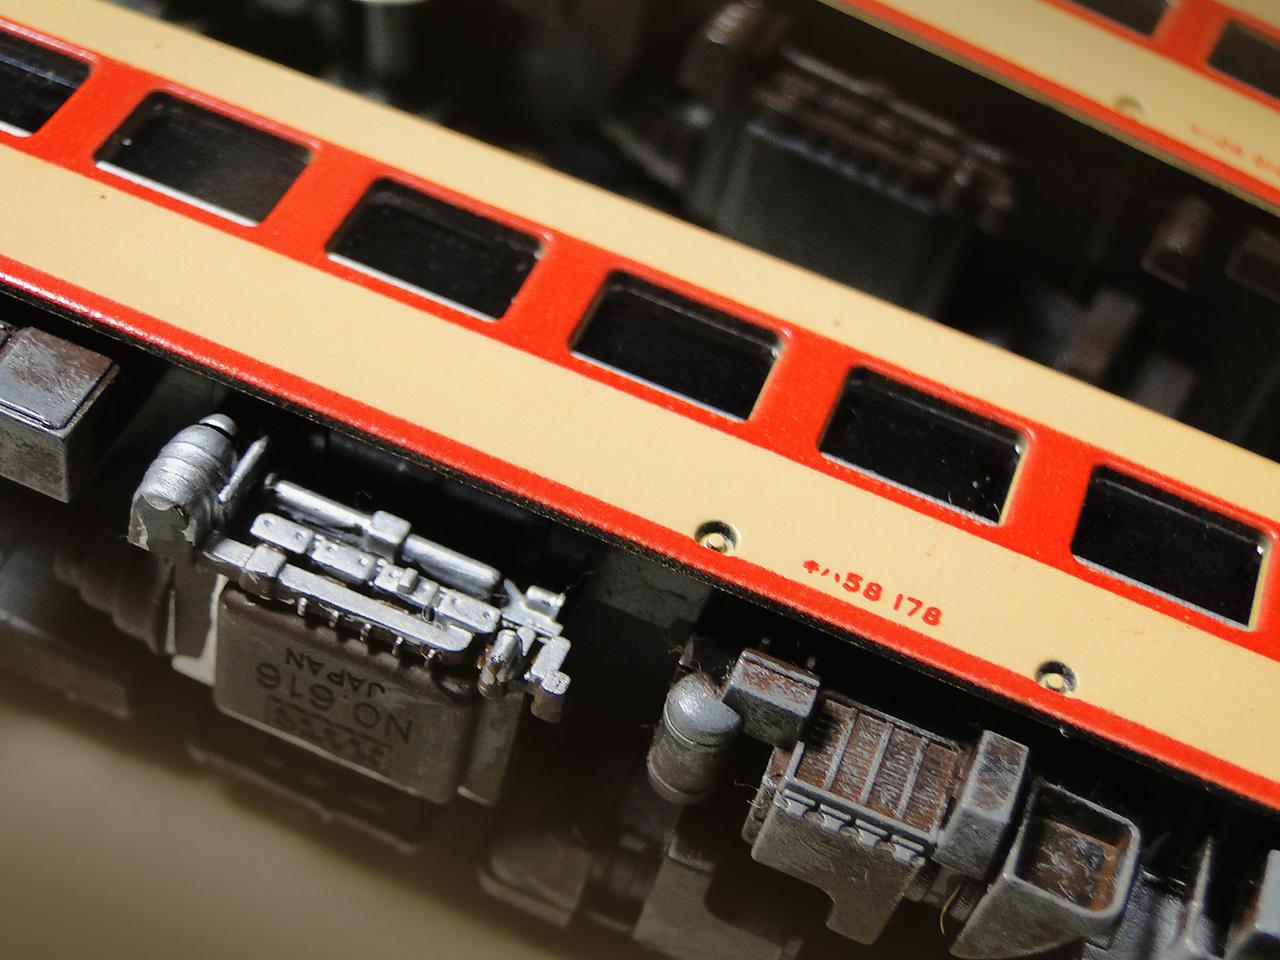 http://moritetsu.info/model-railway/img/DSC06355sssss.jpg